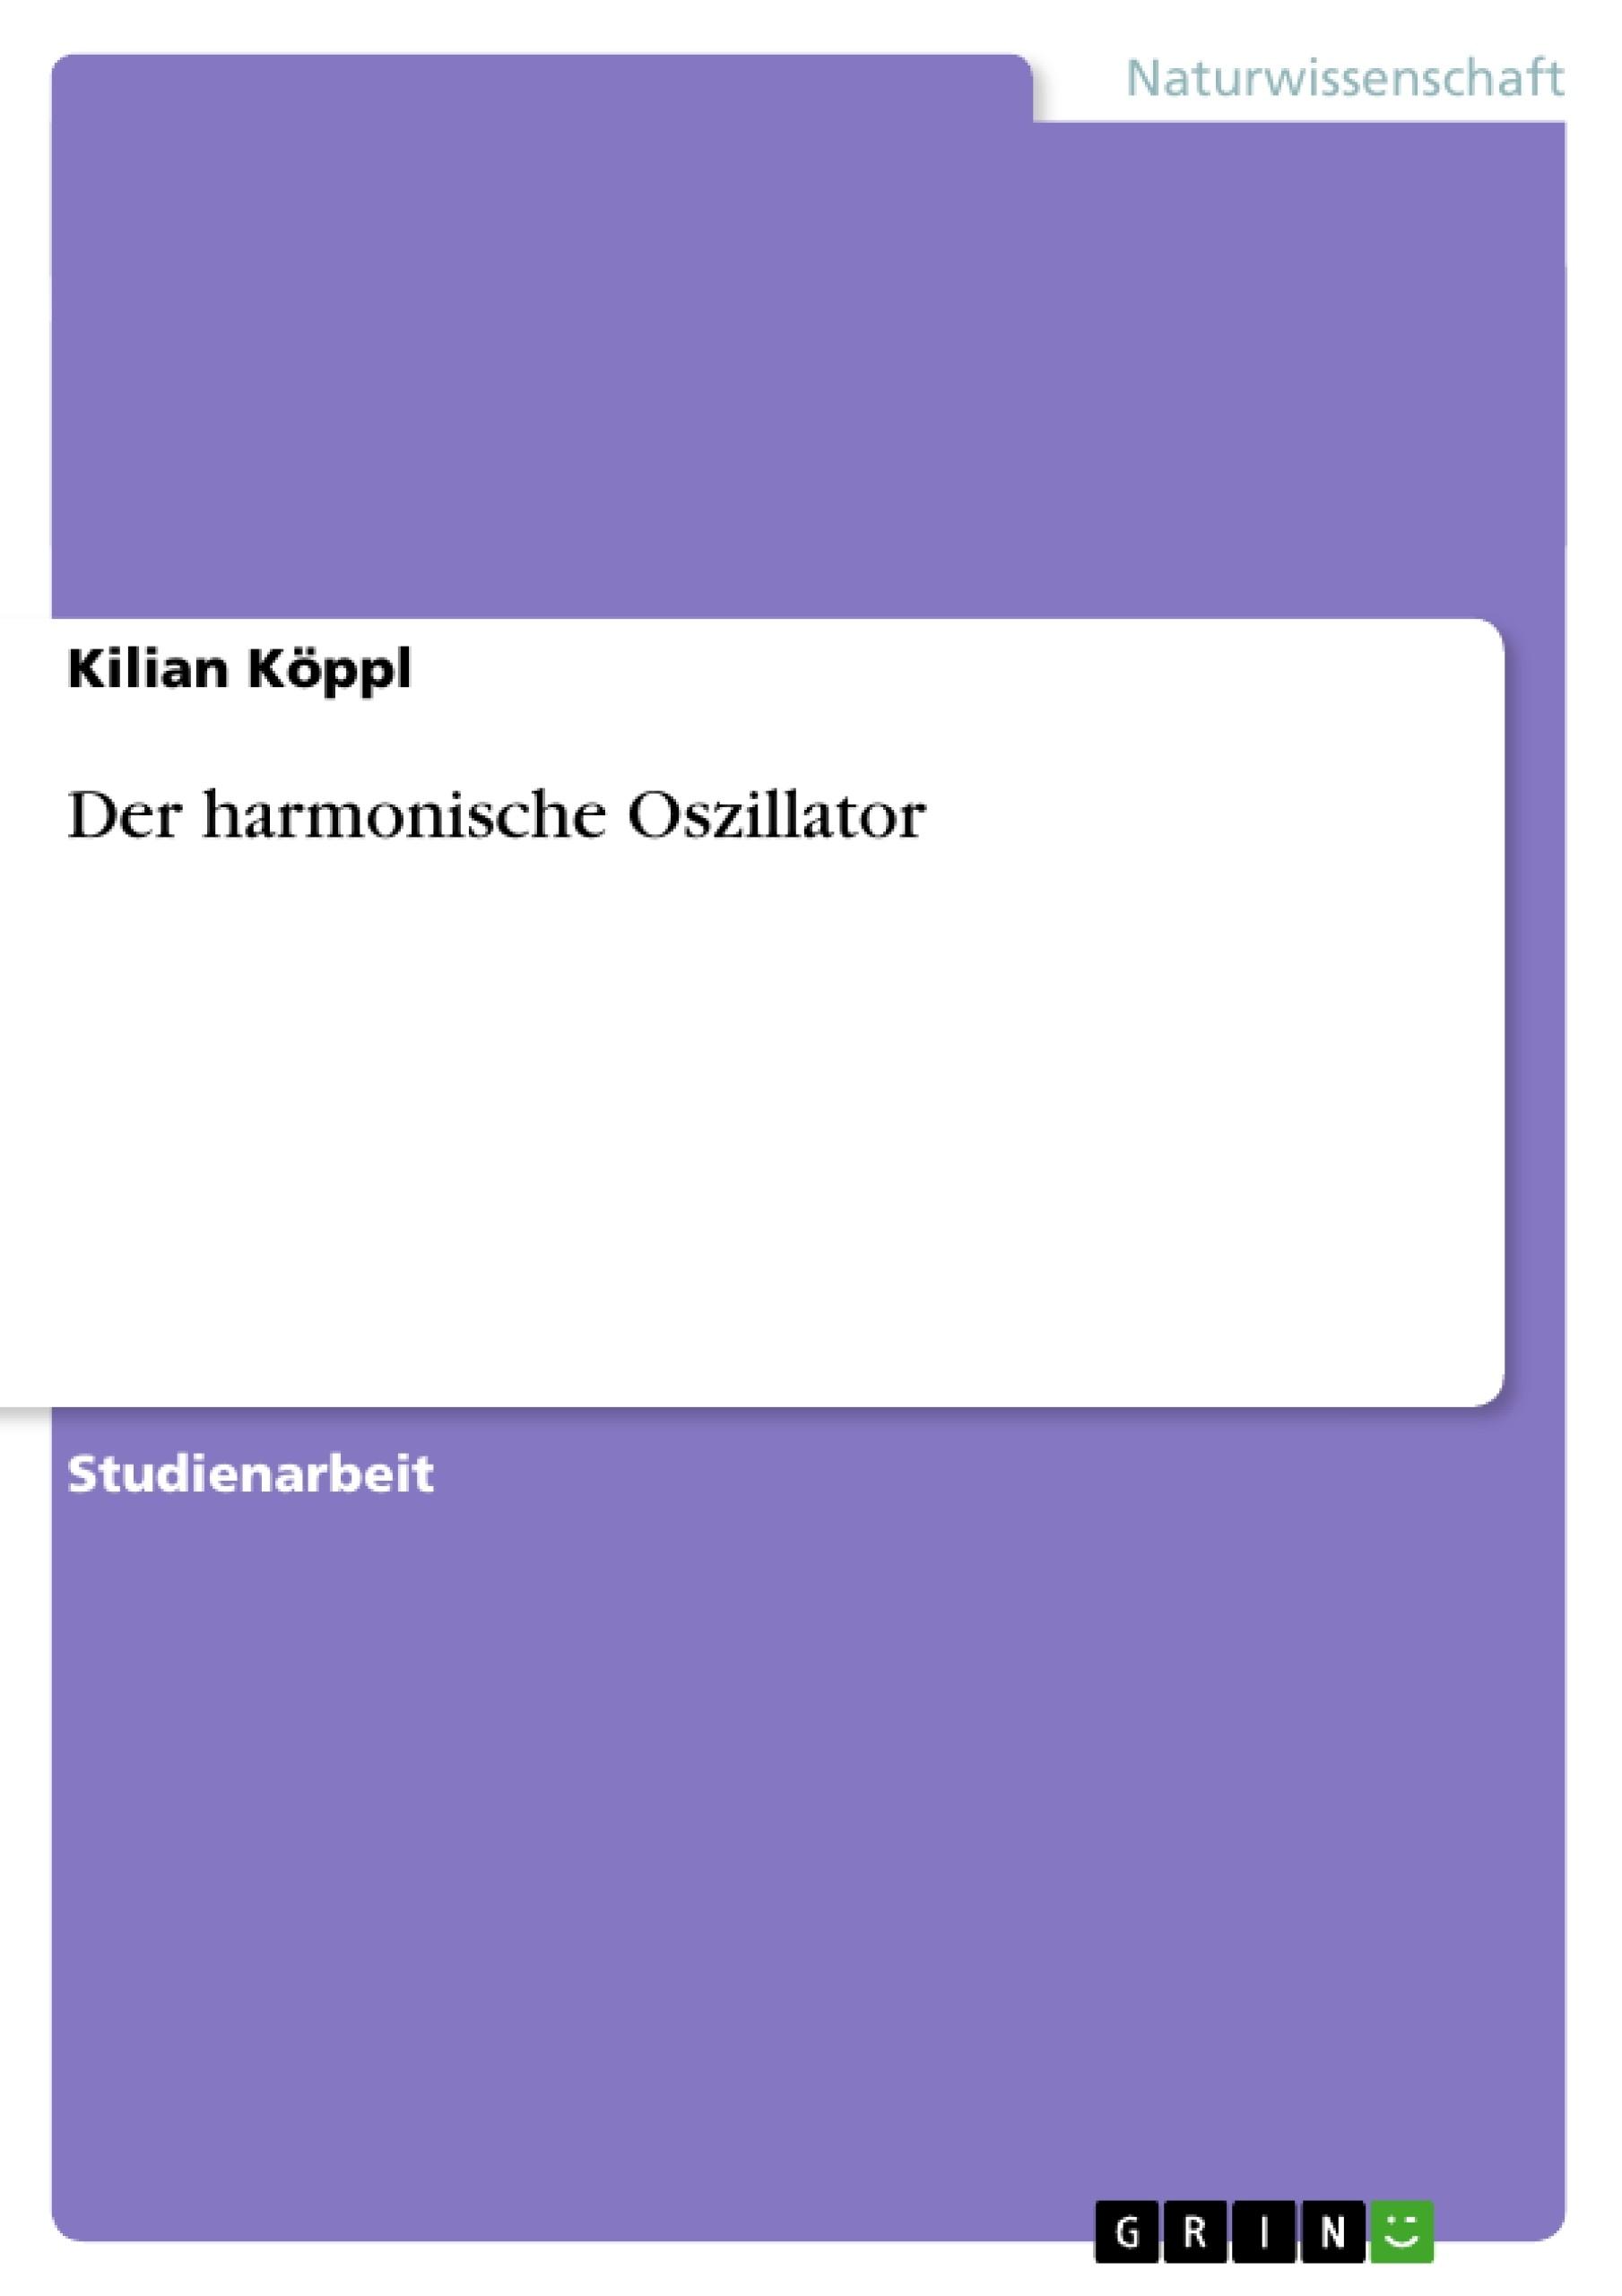 Titel: Der harmonische Oszillator